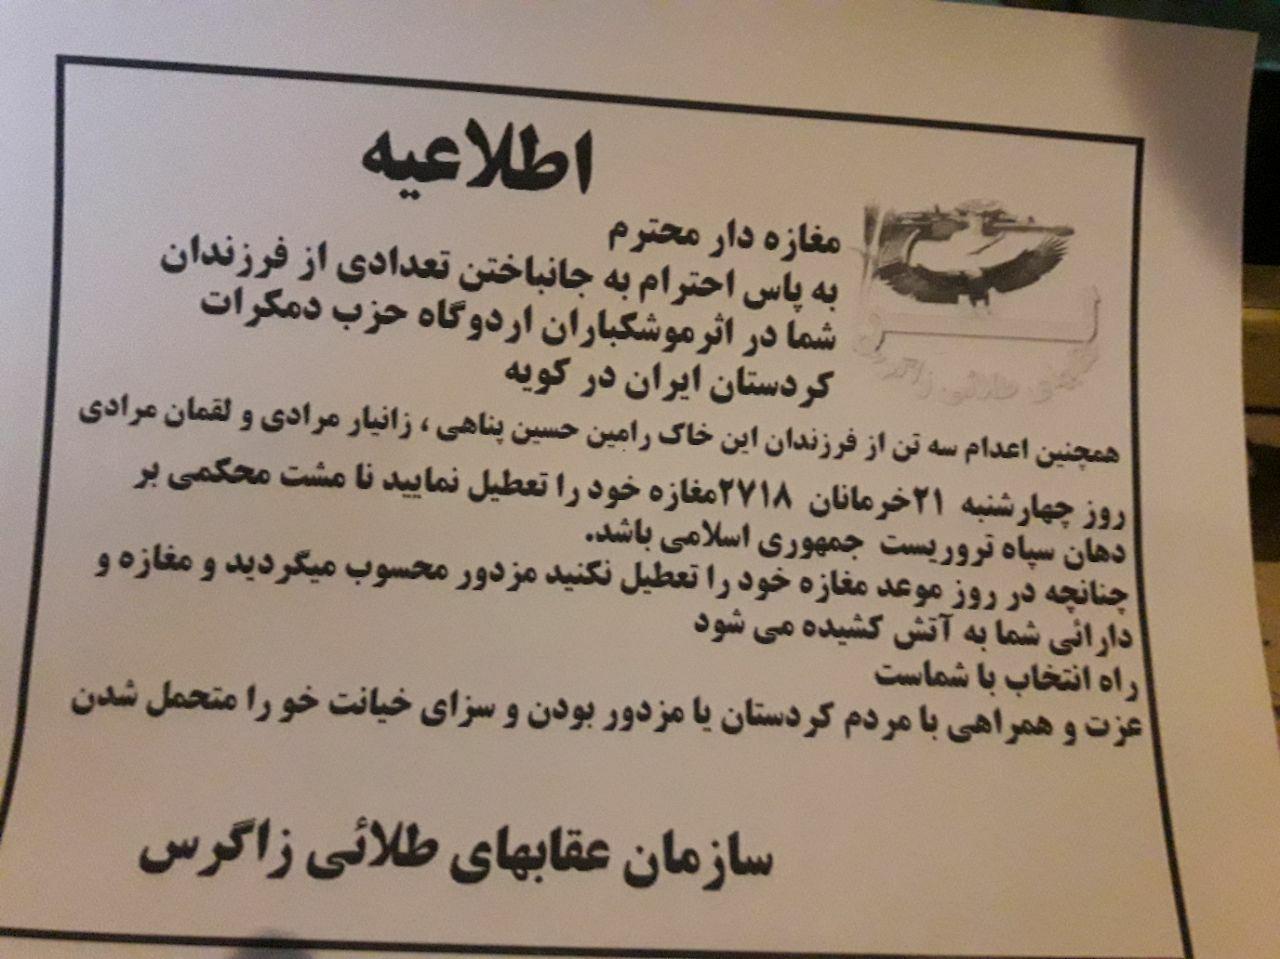 توضیحات مهم امامجمعه مریوان دررابطه با لقمان و زانیار مرادی